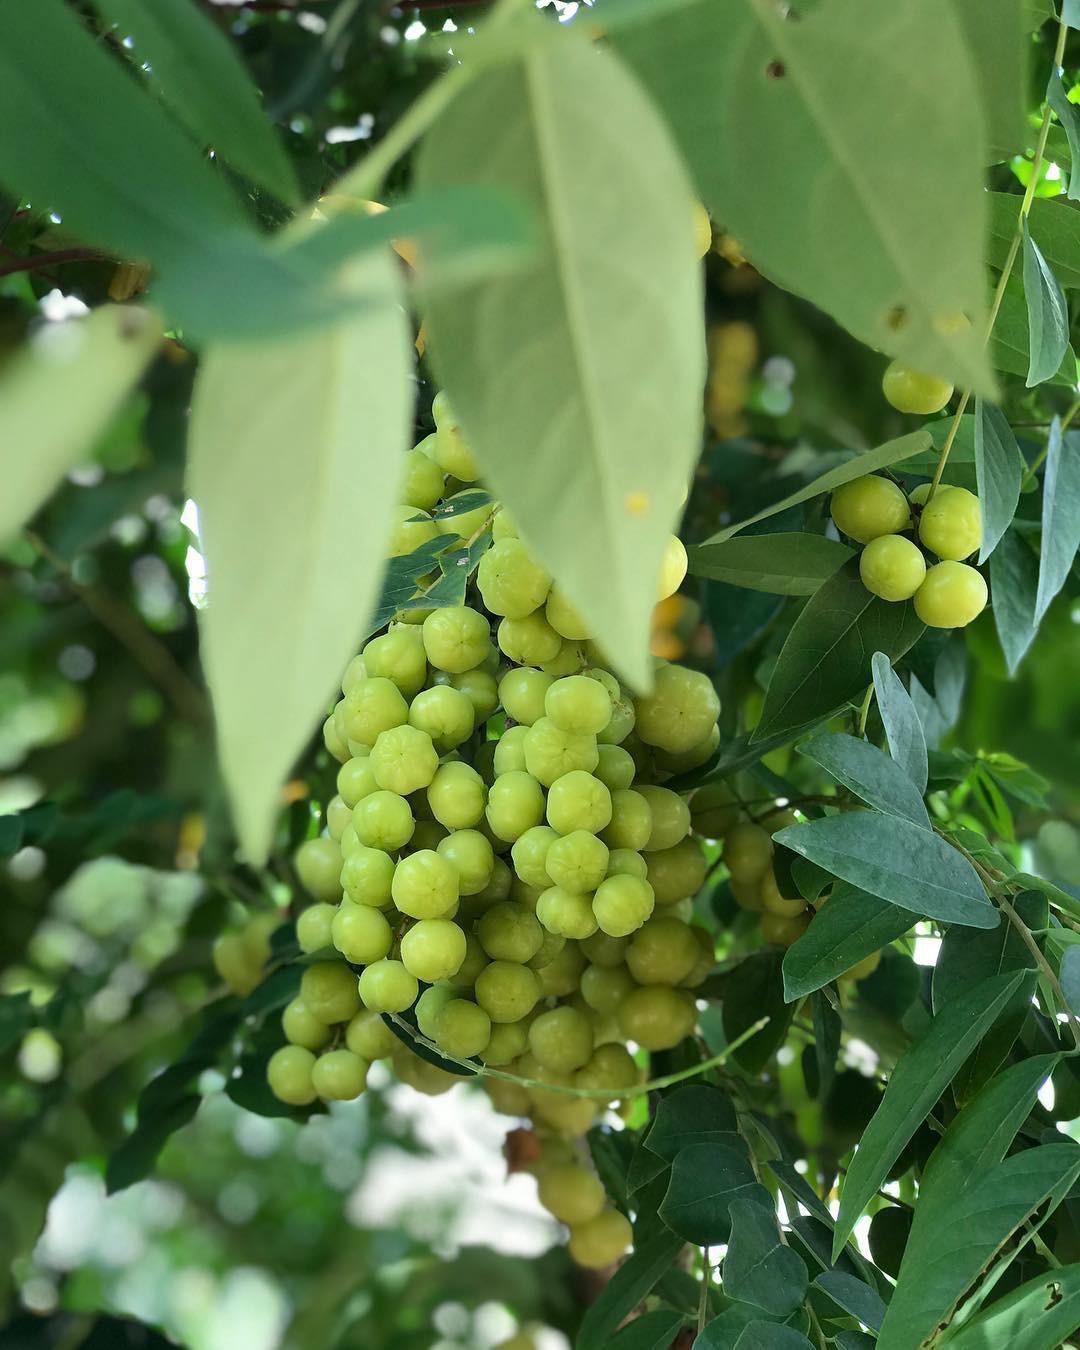 Điểm mặt những loại trái cây chua khiến hội ghiền ăn vặt phát cuồng ở Sài Gòn - Ảnh 1.